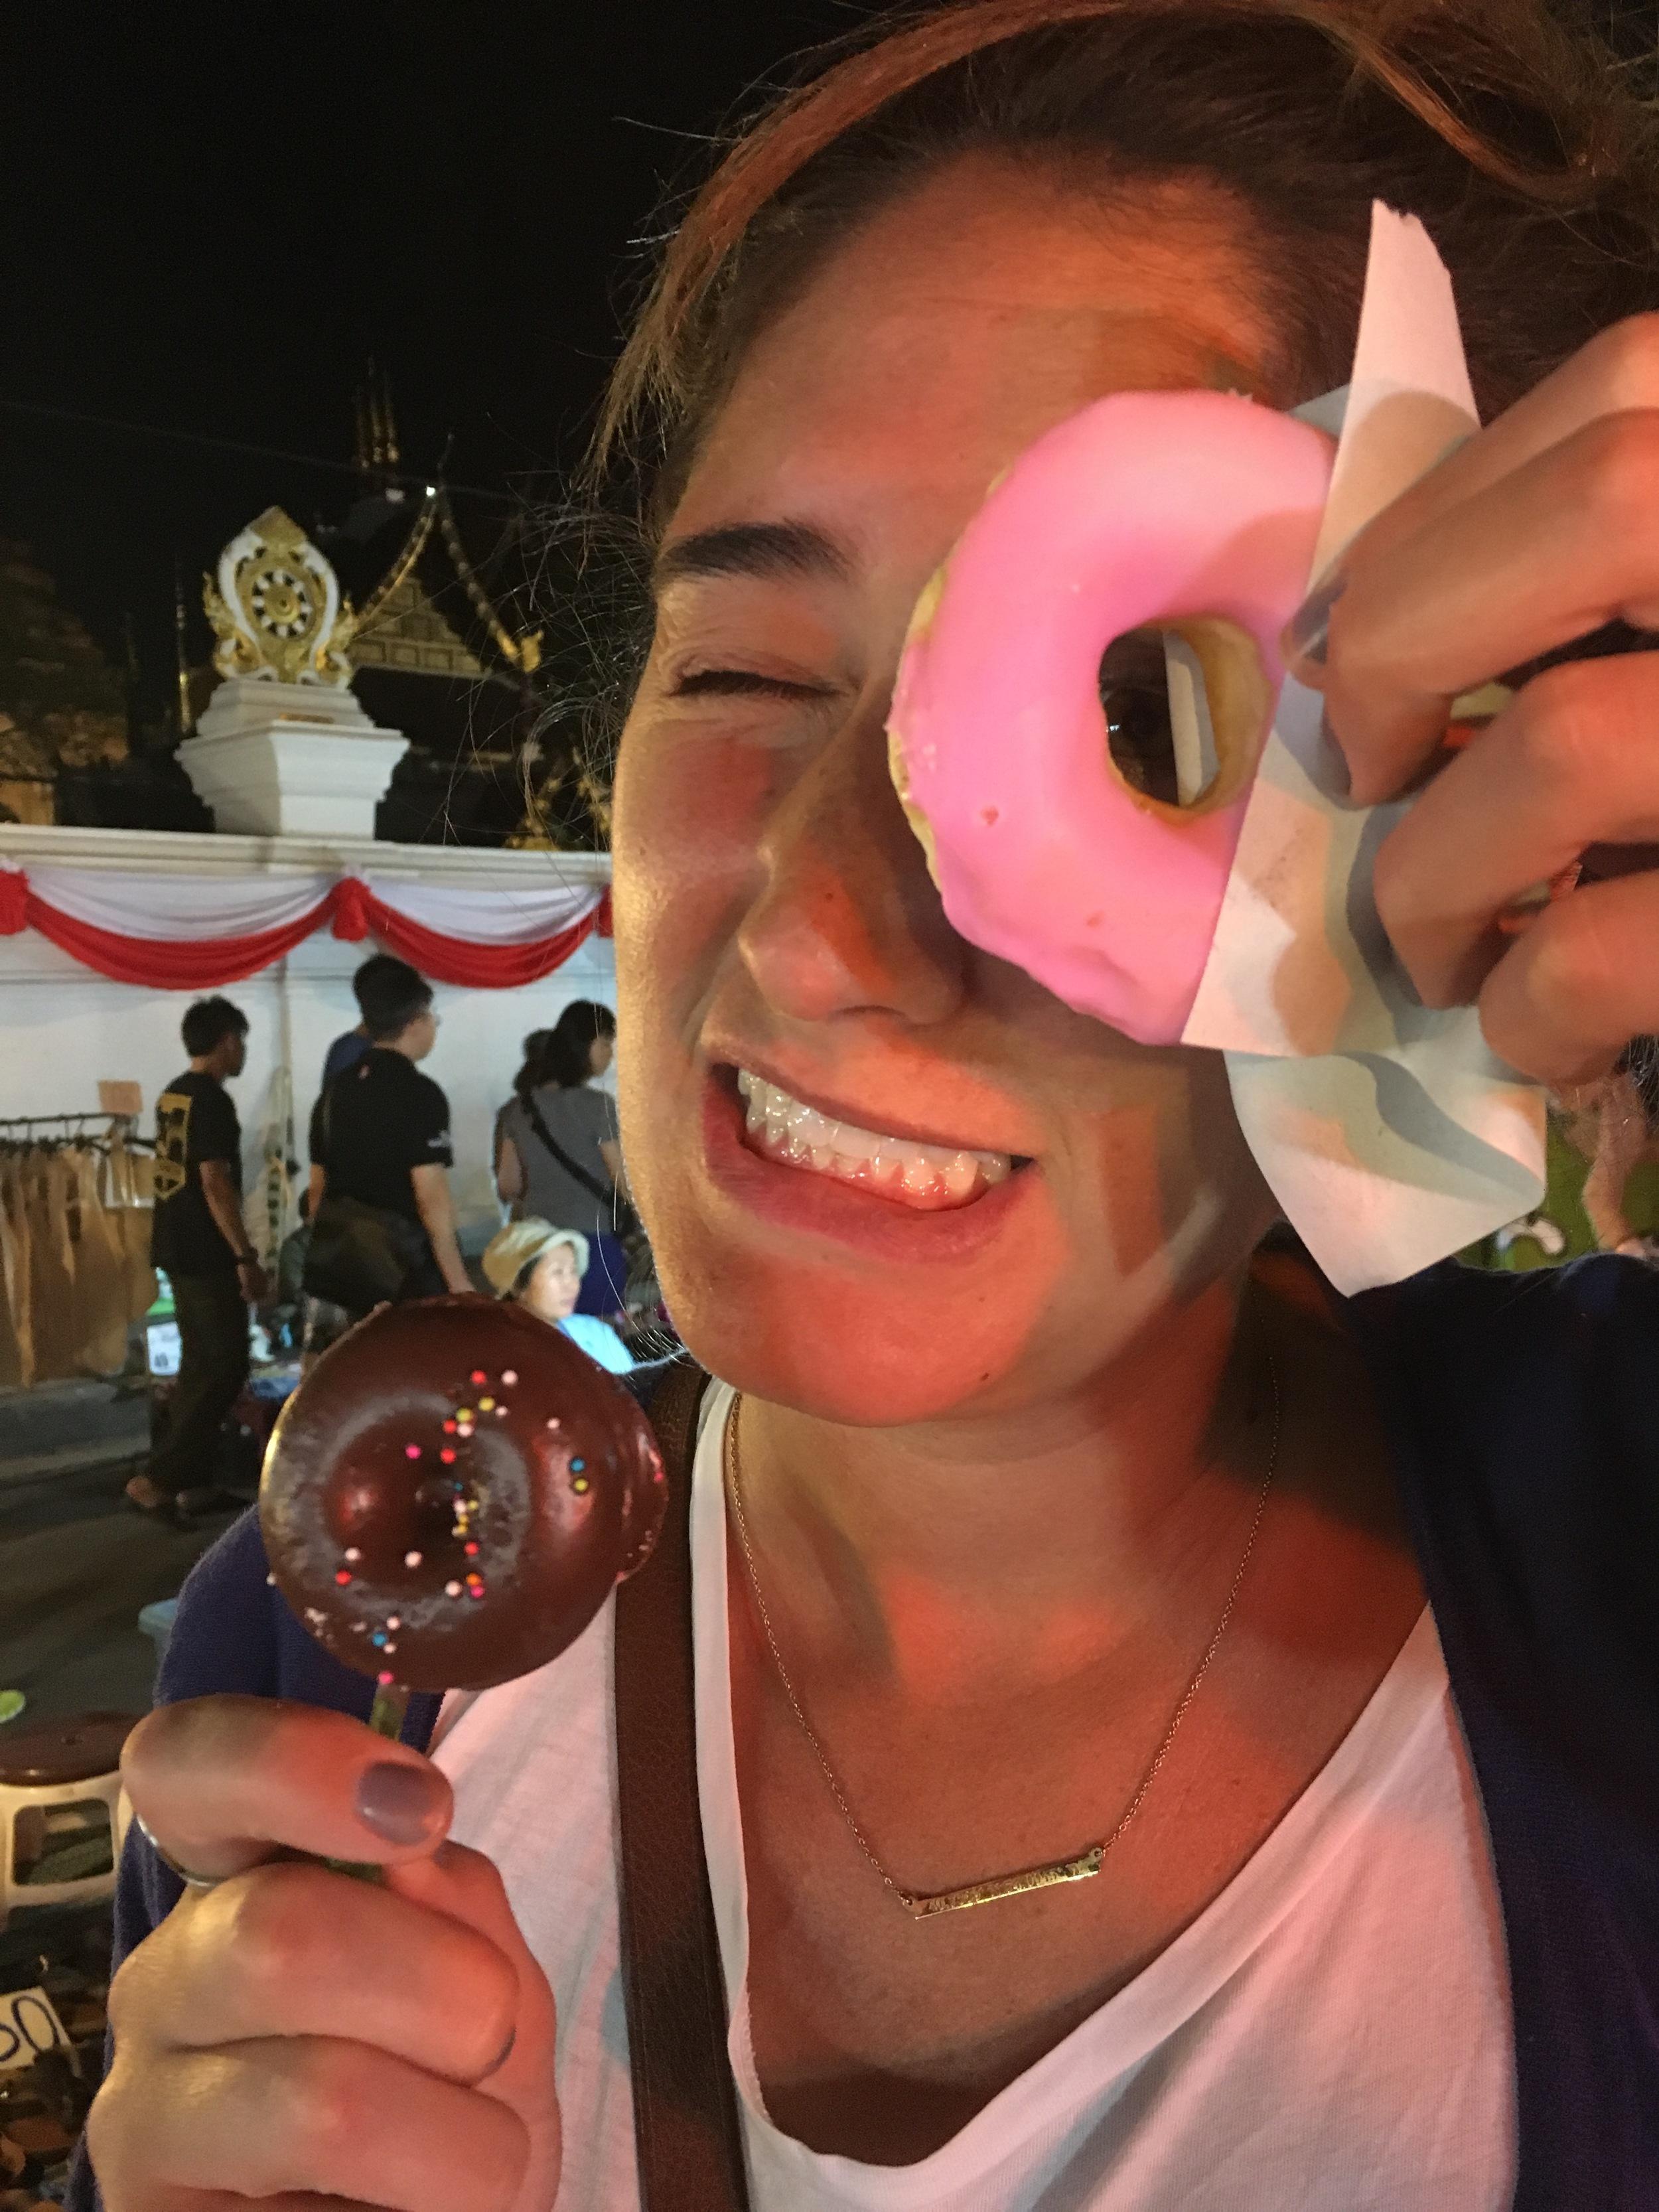 Donut eyehole